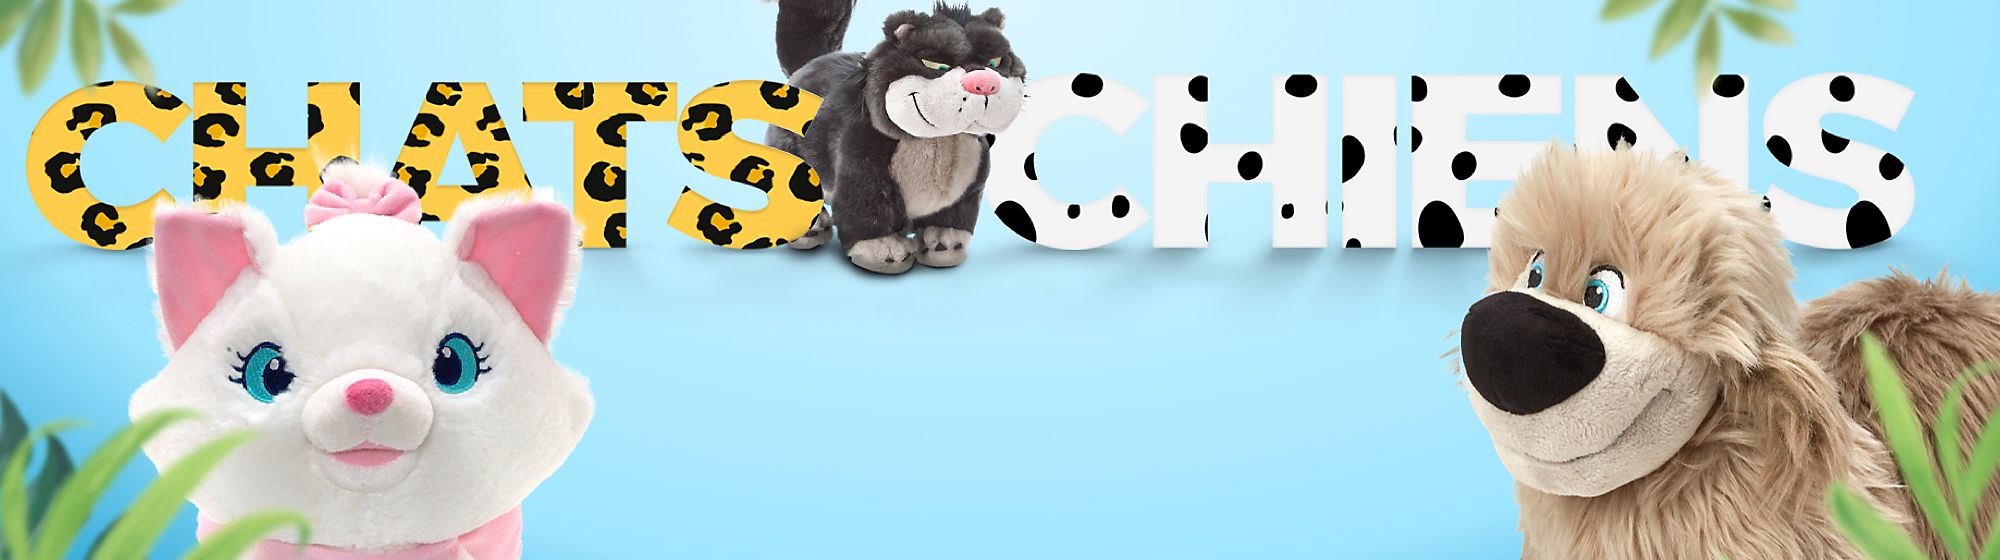 Chats et Chiens Amuse-toi avec notre collection câline de chats et de chiens